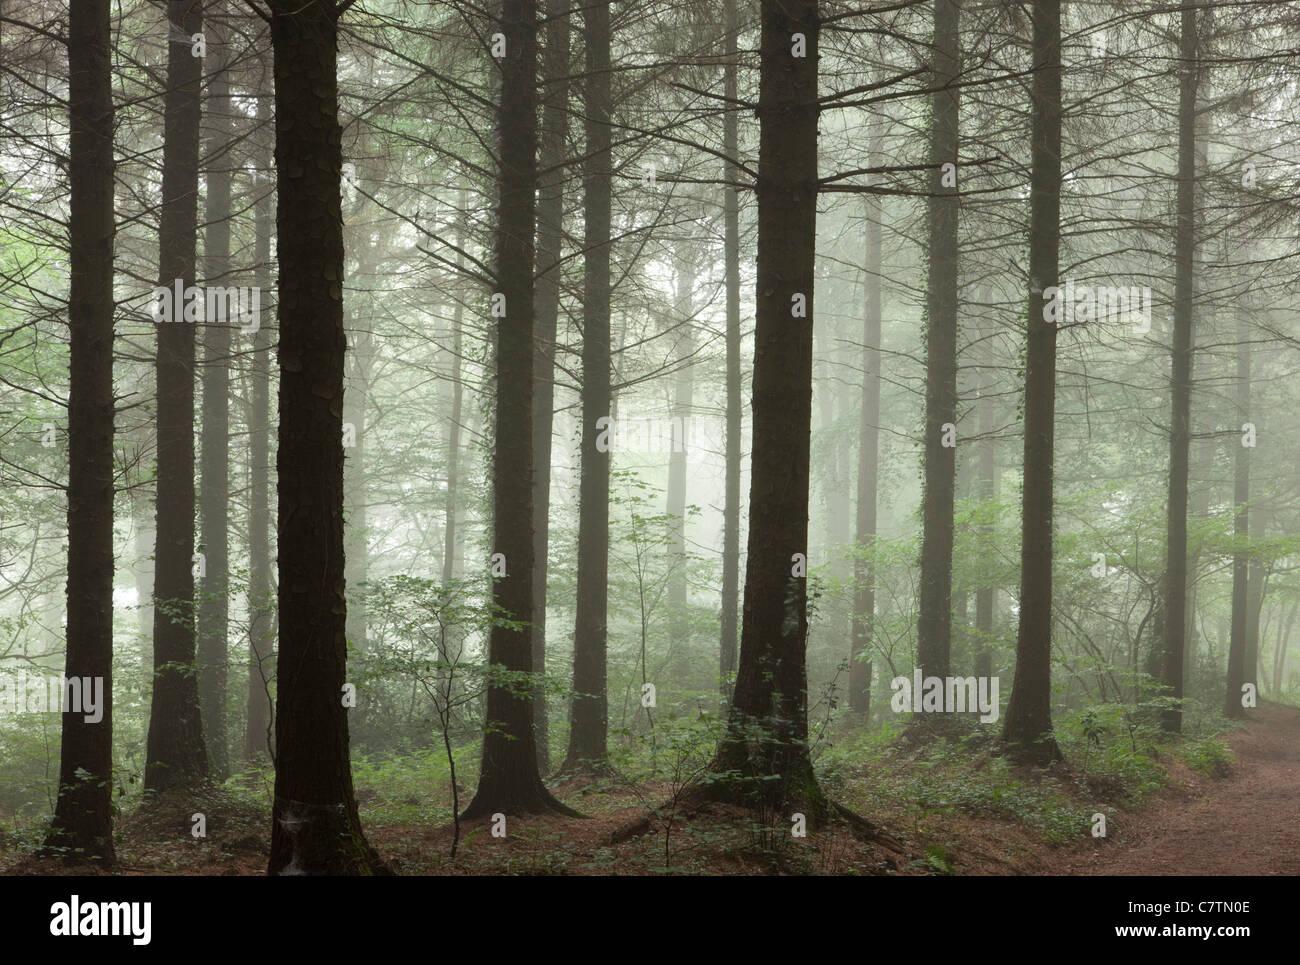 Morning Mist dans un bois de pin, Bois Morchard, Devon, Angleterre. L'été (juillet) 2011. Photo Stock